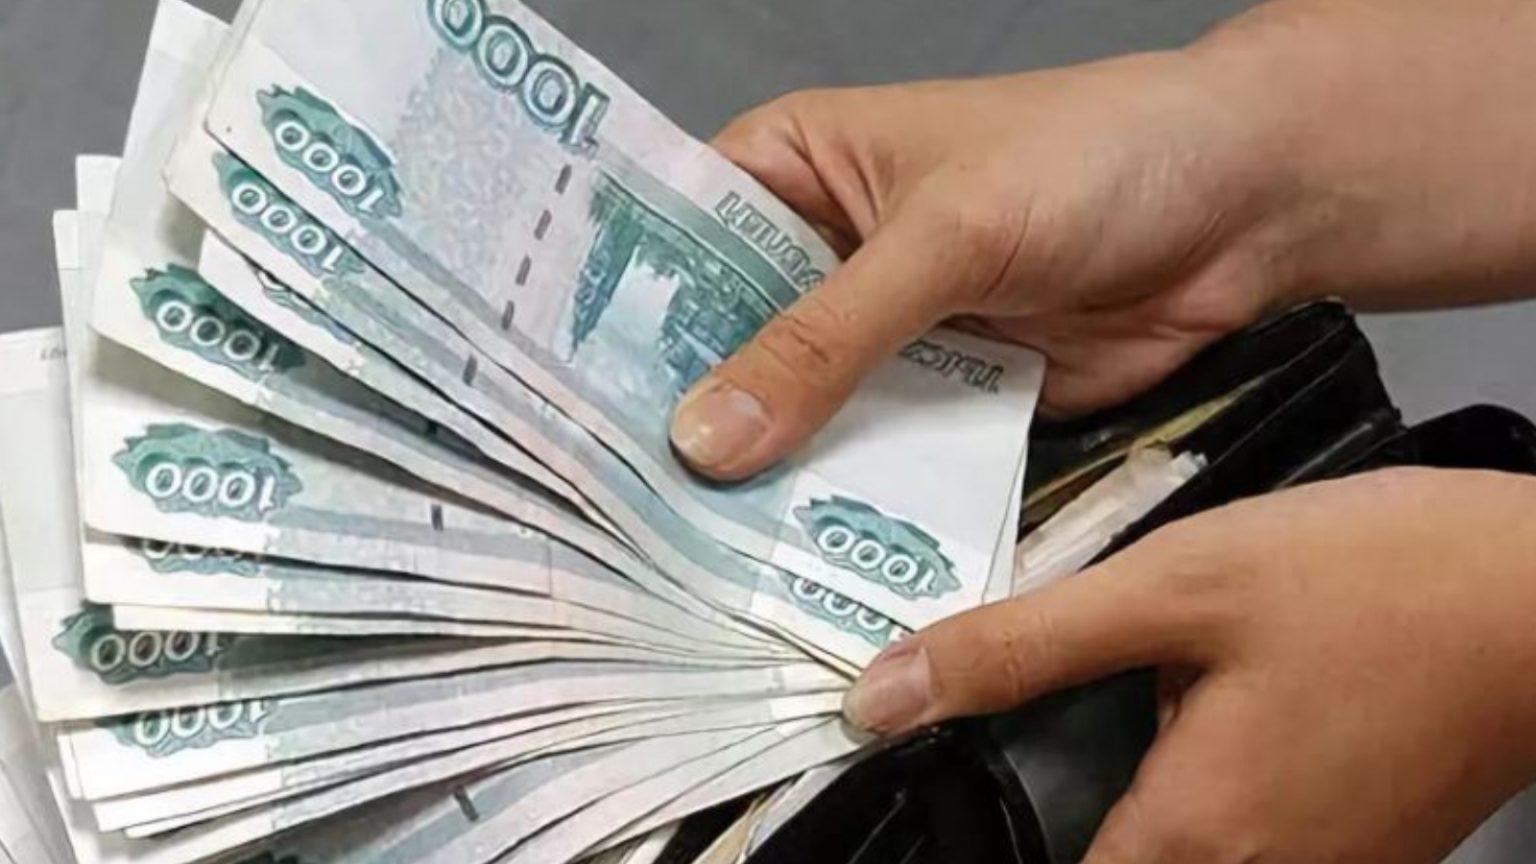 В 2020 году средняя зарплата в Ростовской области составила 35622 рубля